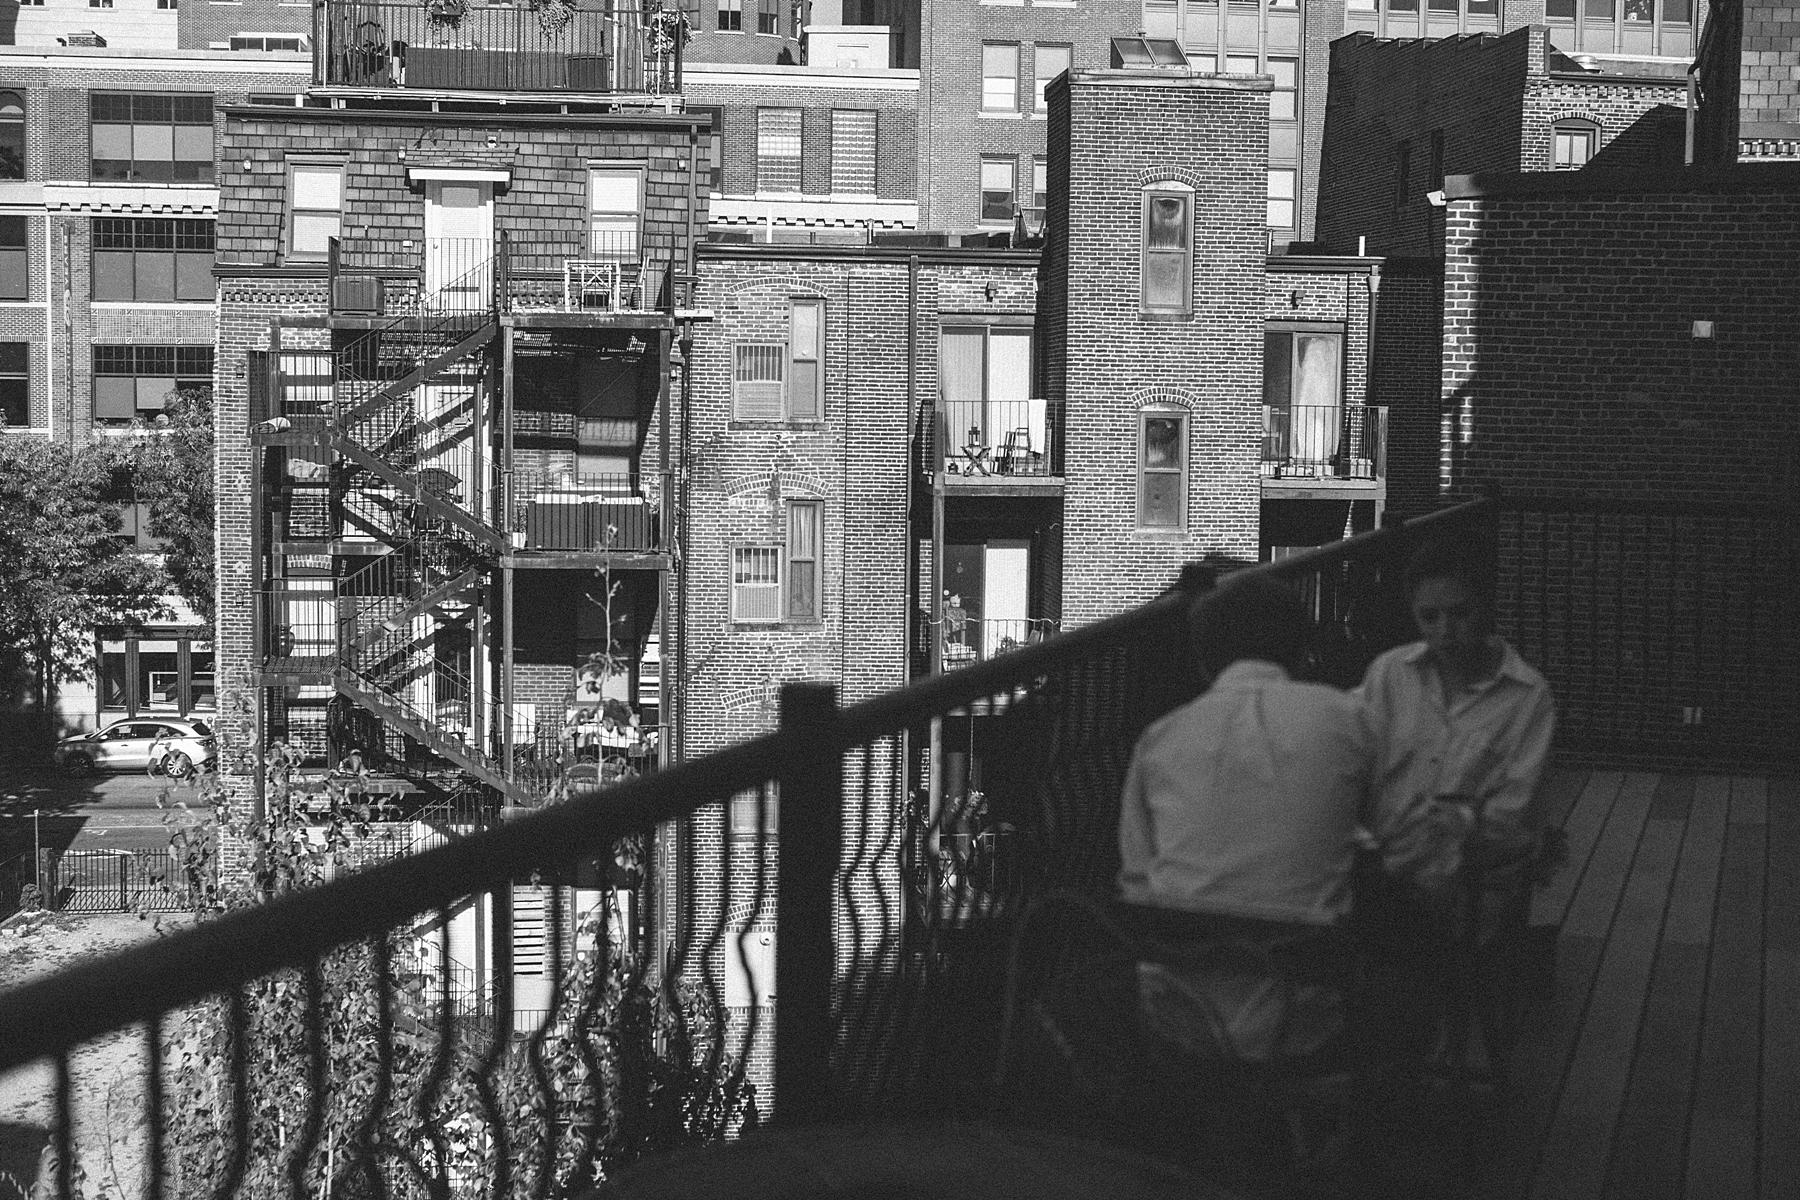 【自助婚紗 美國-波士頓】Jeromy & 思宇 | 自然風格 底片風格 海外婚紗